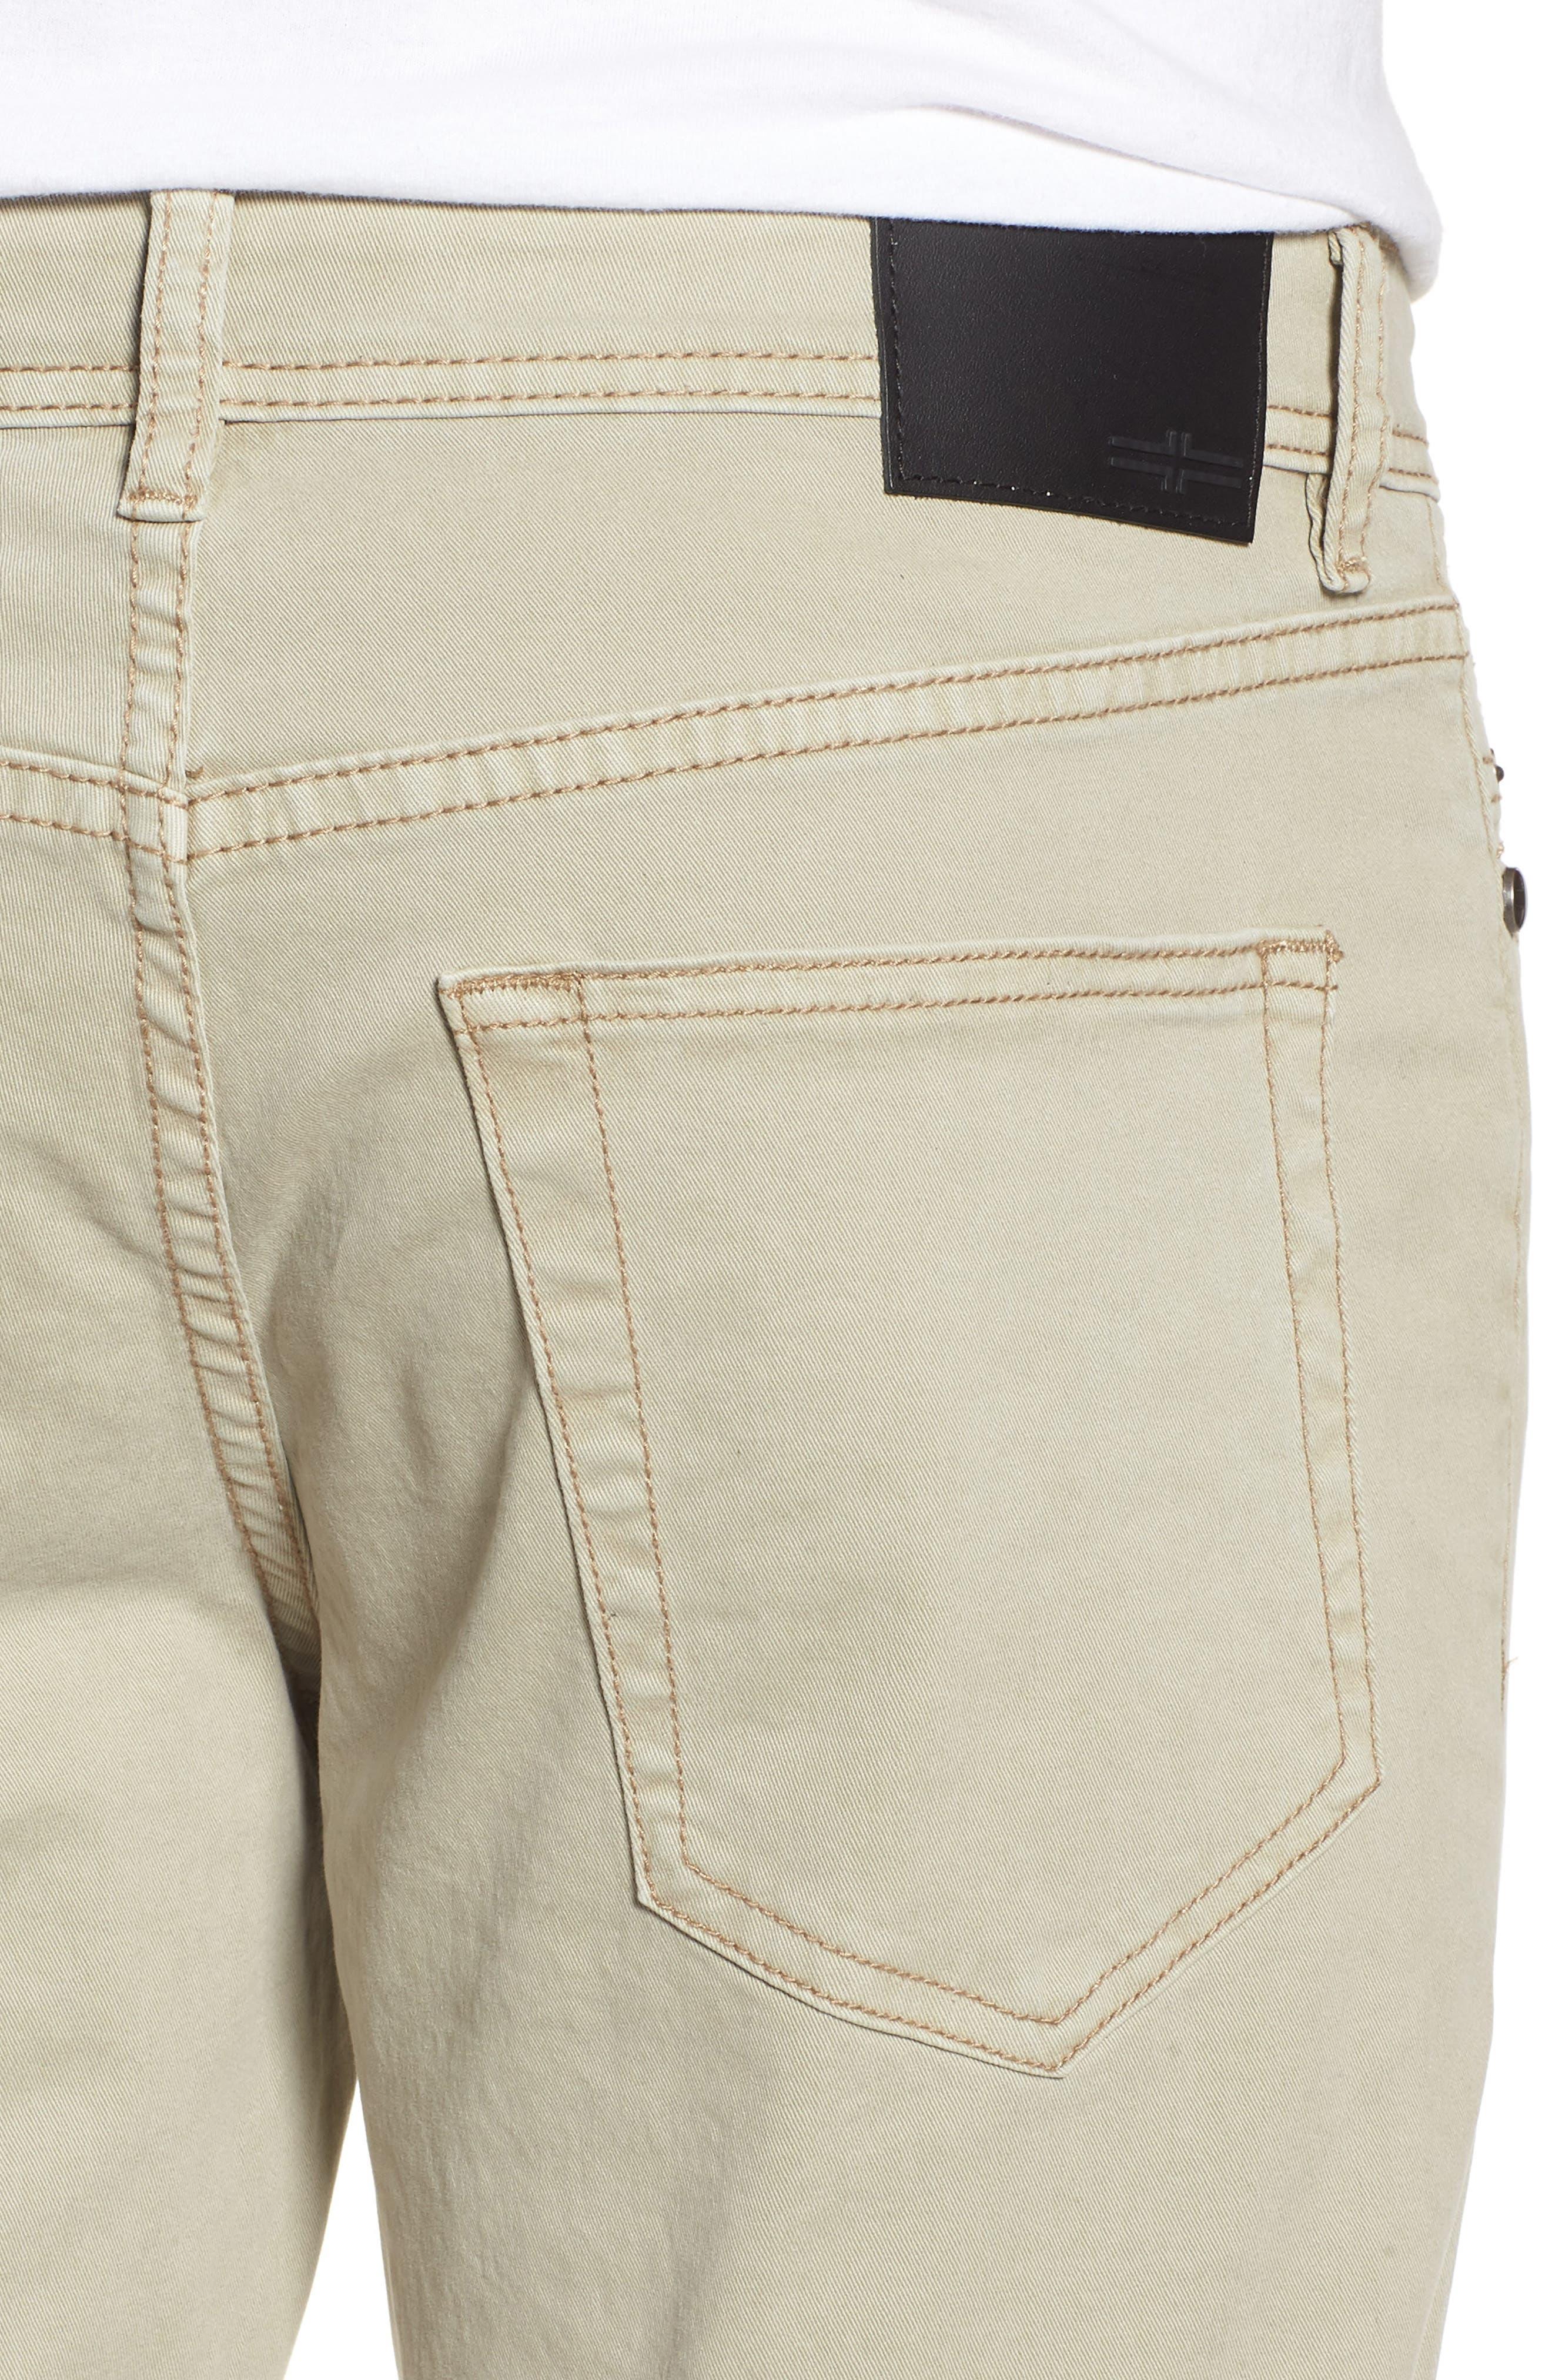 Jeans Co. Kingston Slim Straight Leg Jeans,                             Alternate thumbnail 4, color,                             SANDSTROM